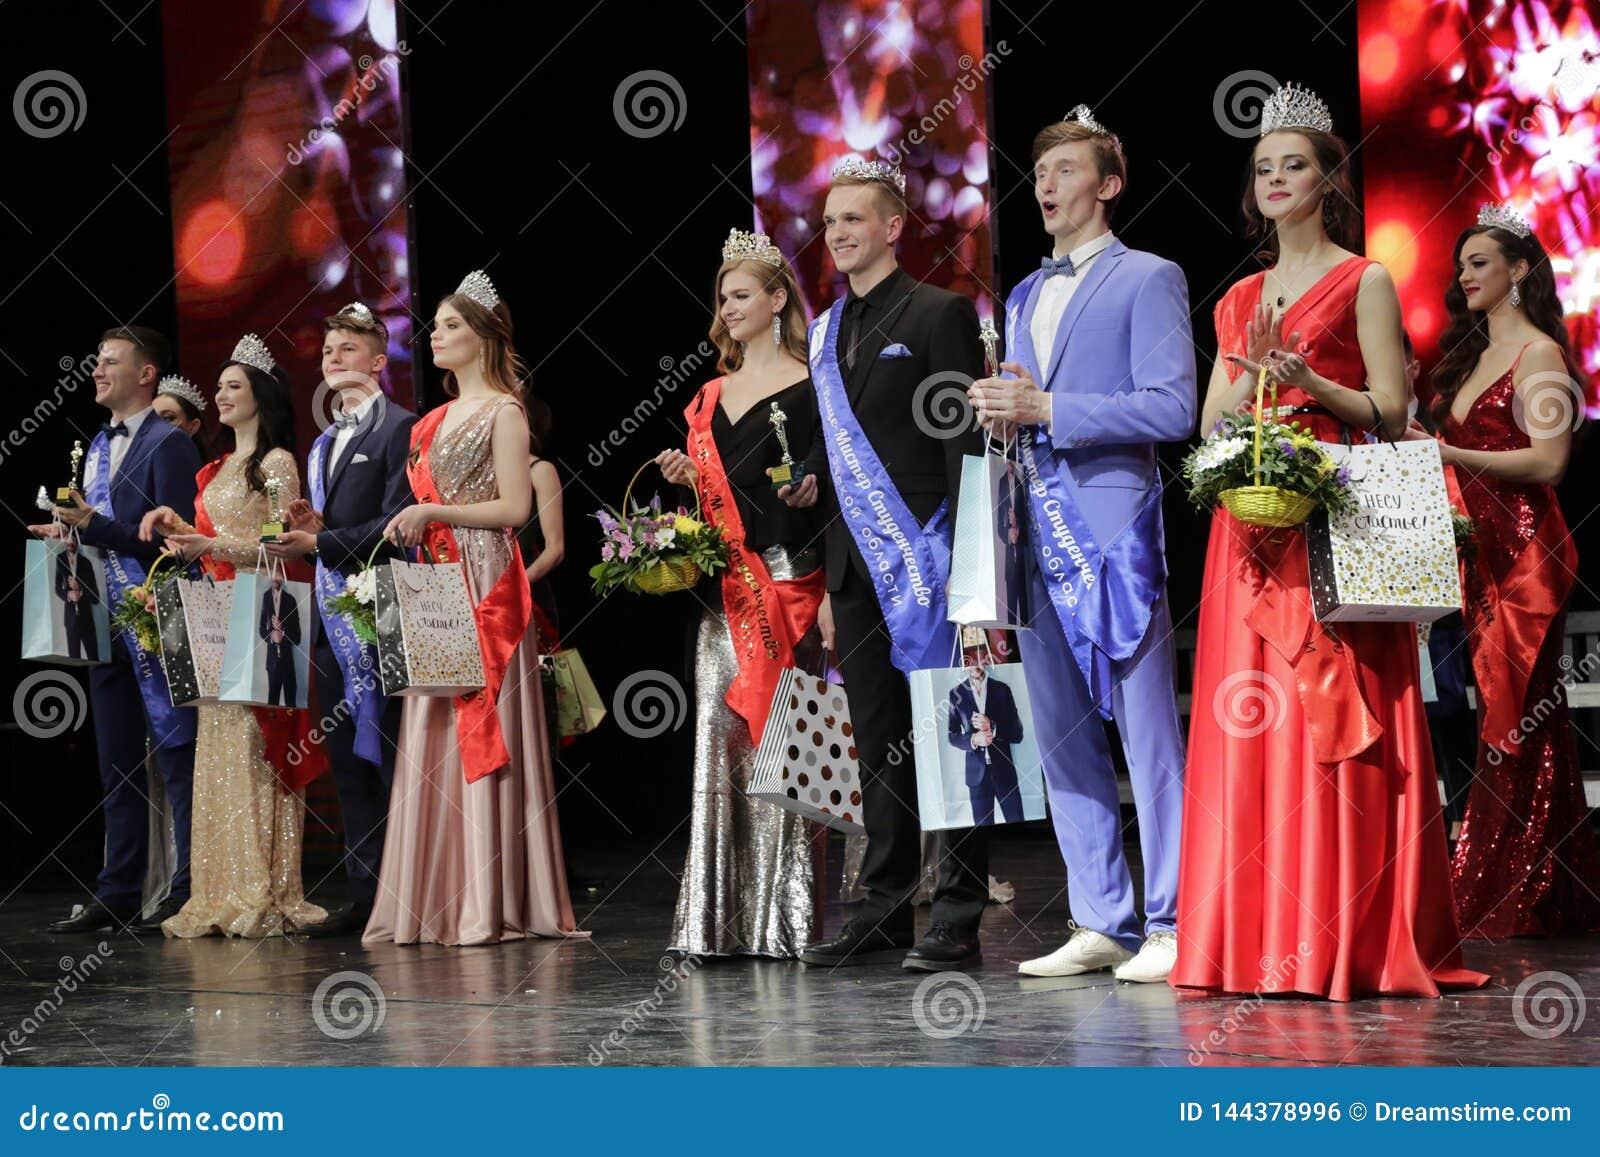 Senhorita e Sr. da competição ' Estudantes da região de Saratov - 2019 '